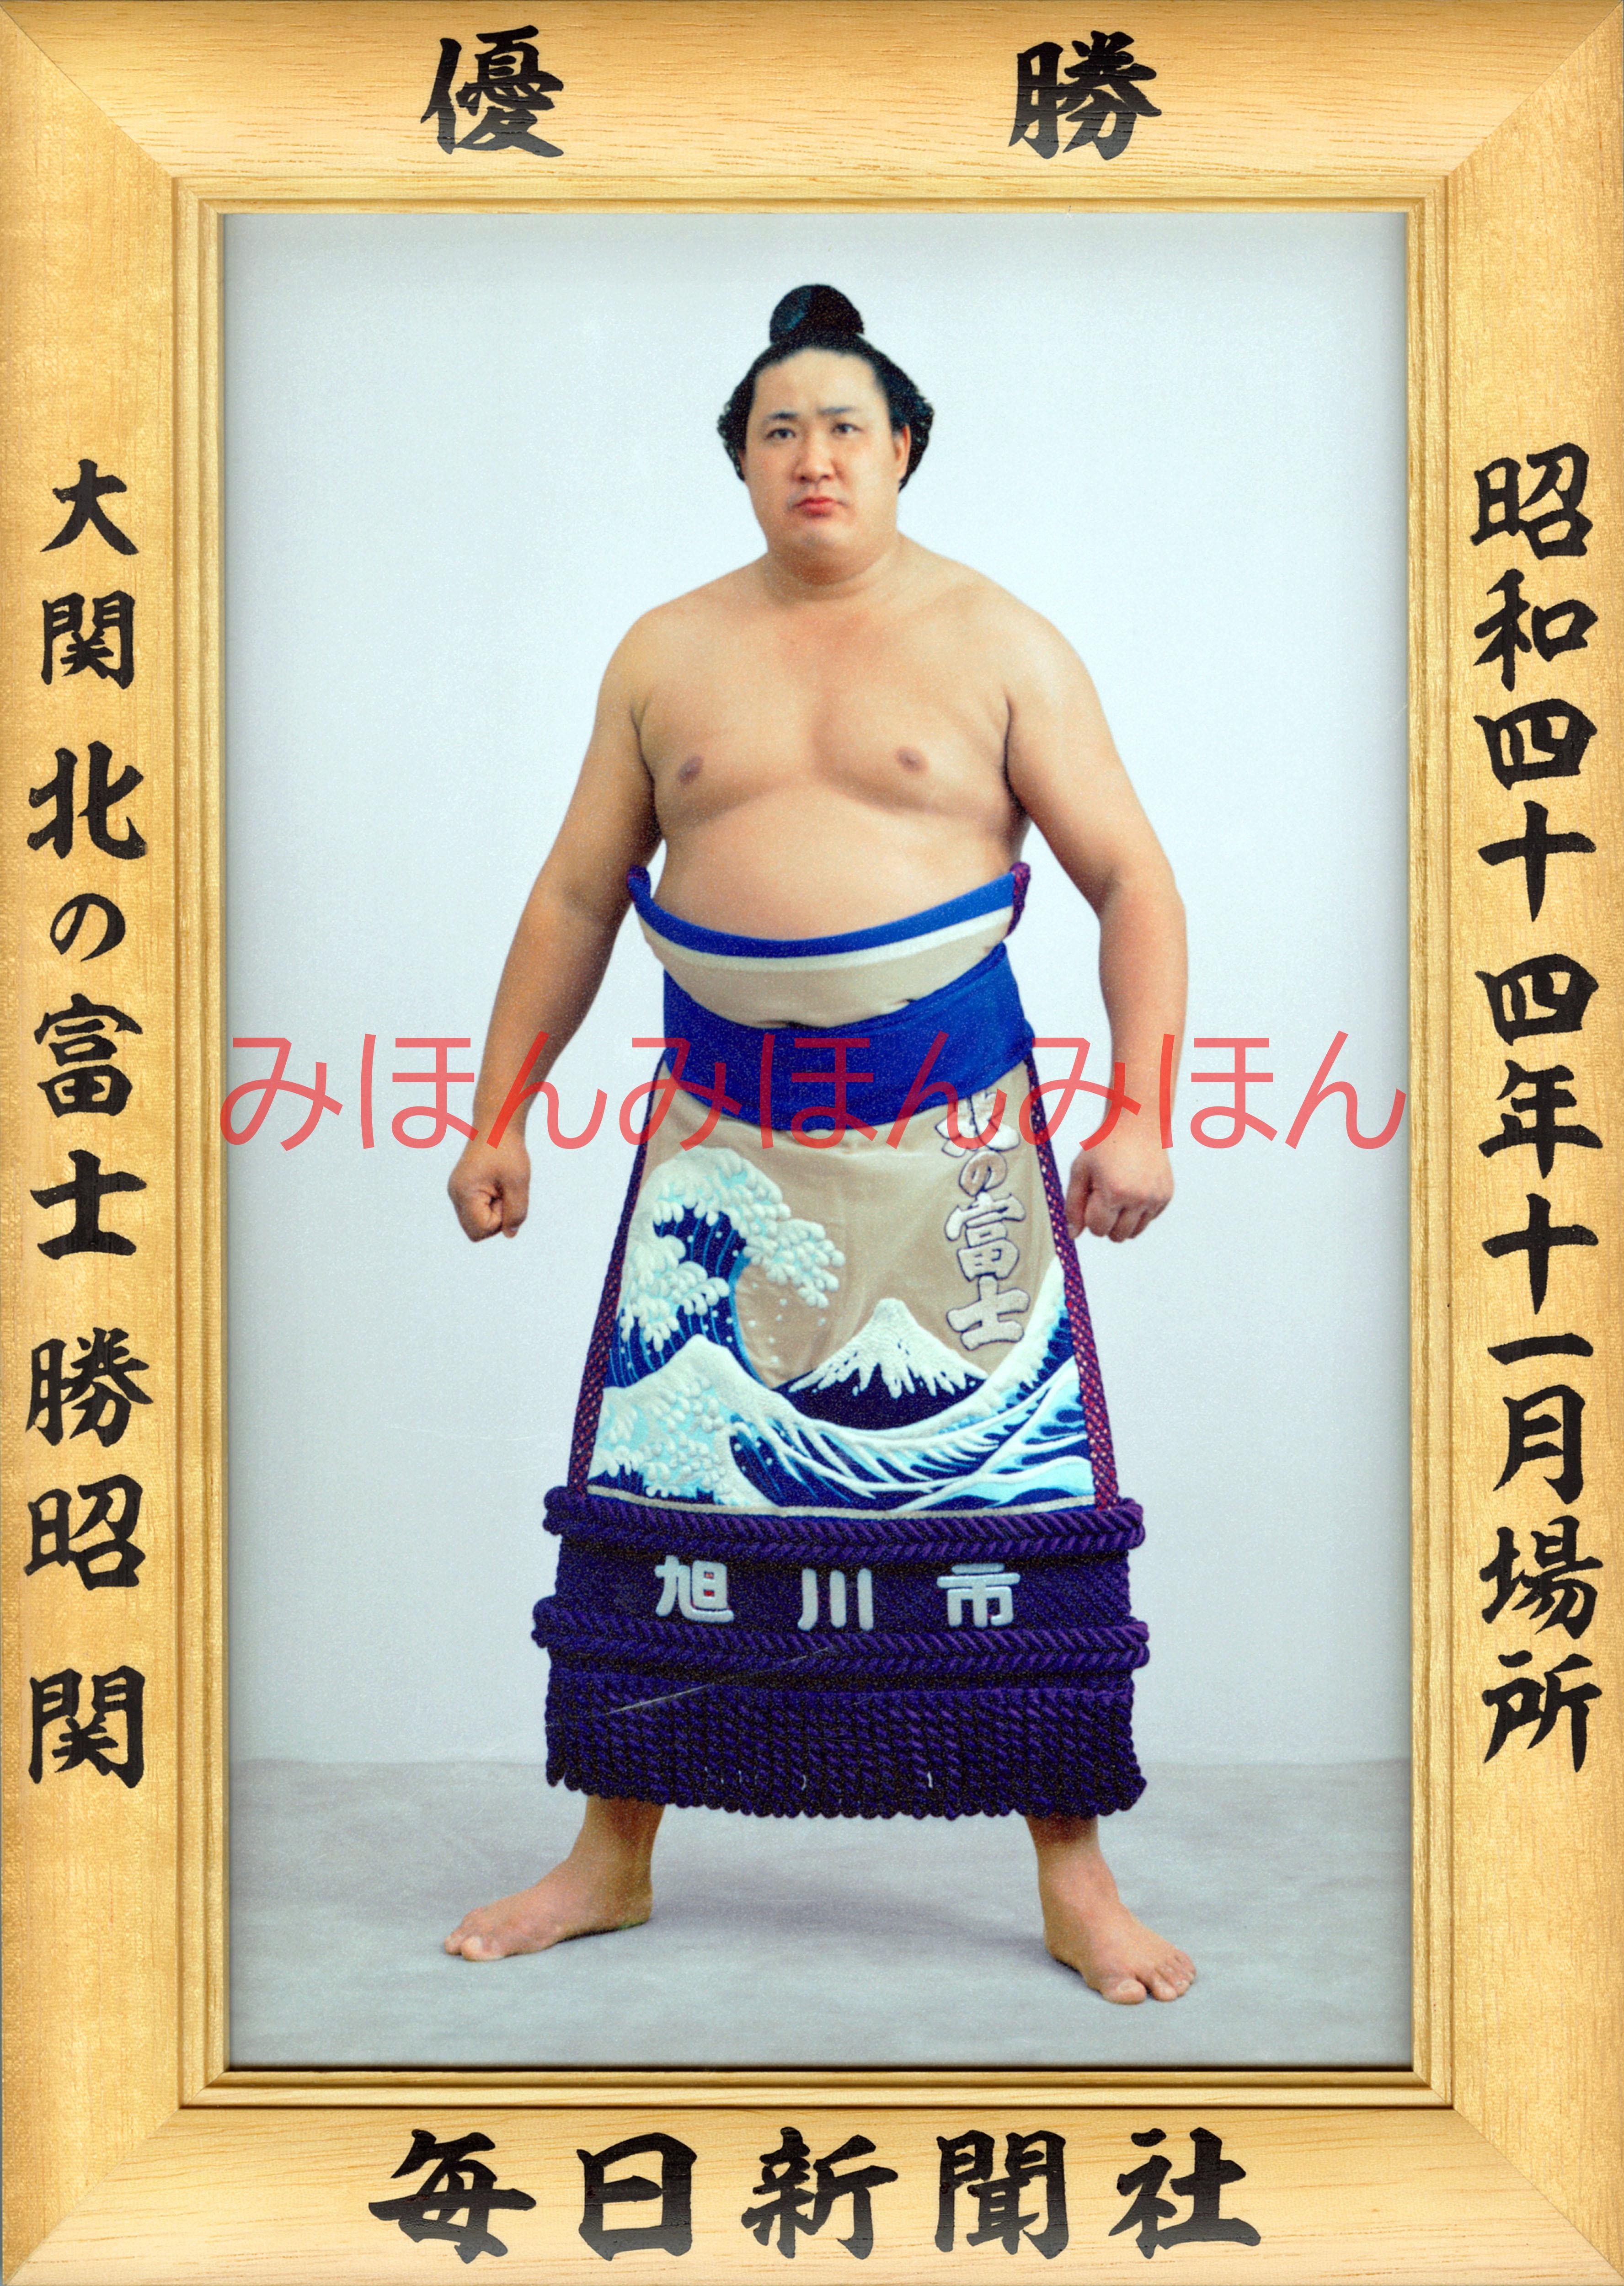 昭和44年11月場所優勝 大関 北の富士勝昭関(2回目の優勝)